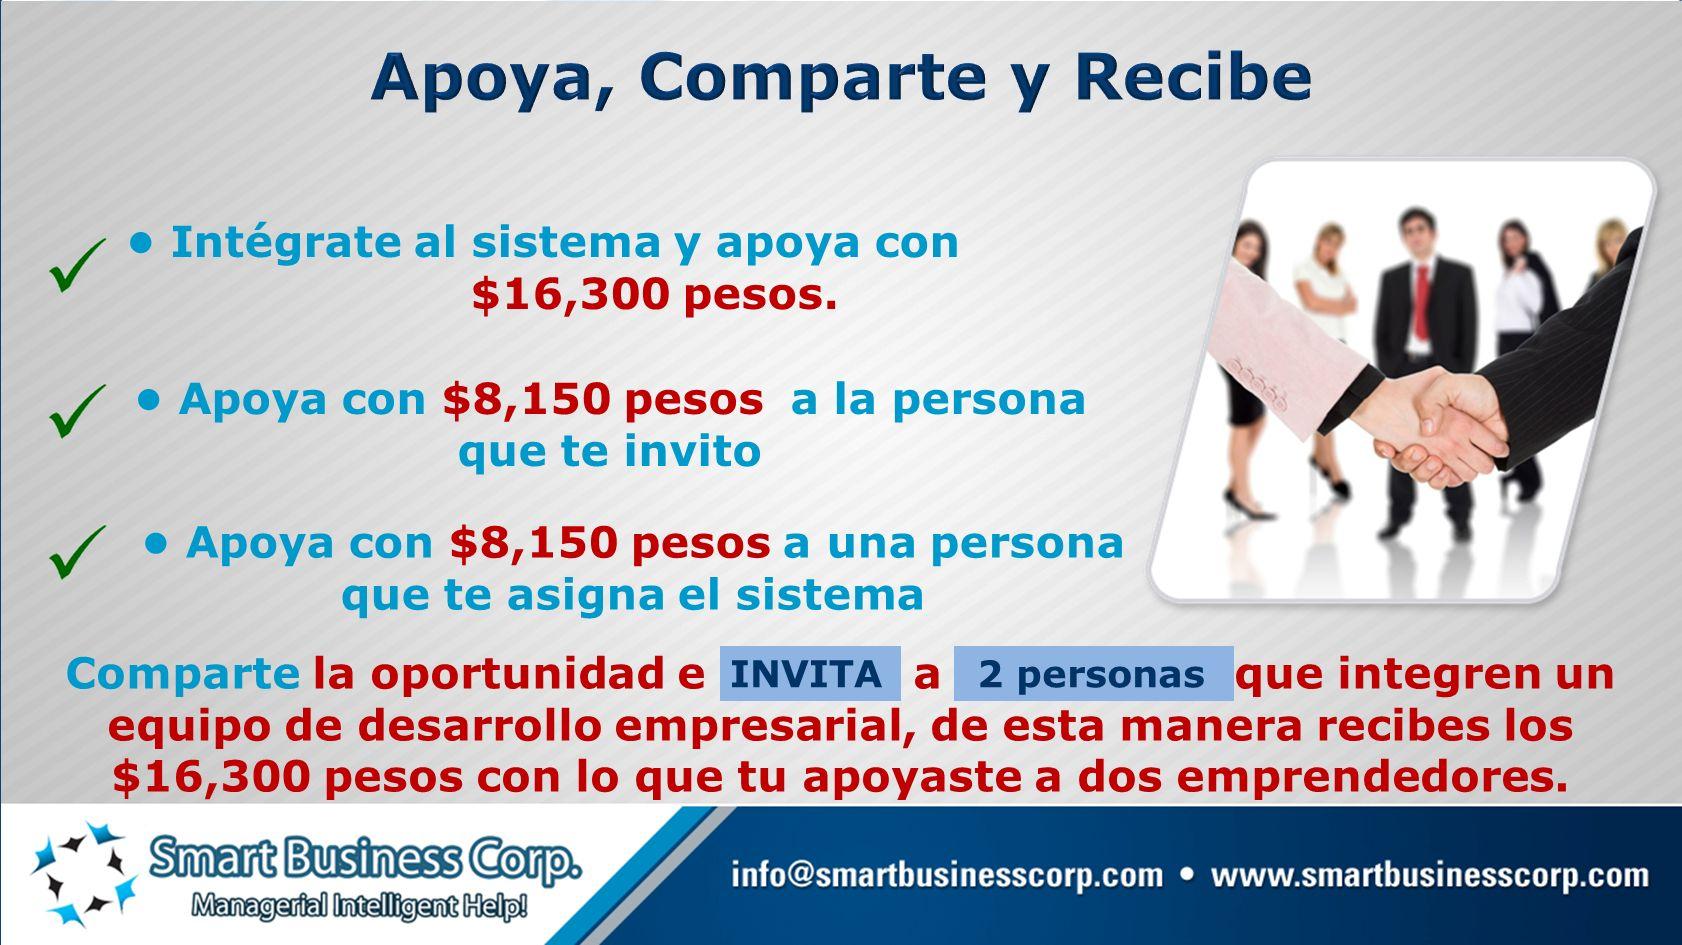 POR COMPARTIR Recibes un apoyo de $8,150 pesos por cada persona con la que compartas la oportunidad y decida integrarse a tu equipo.